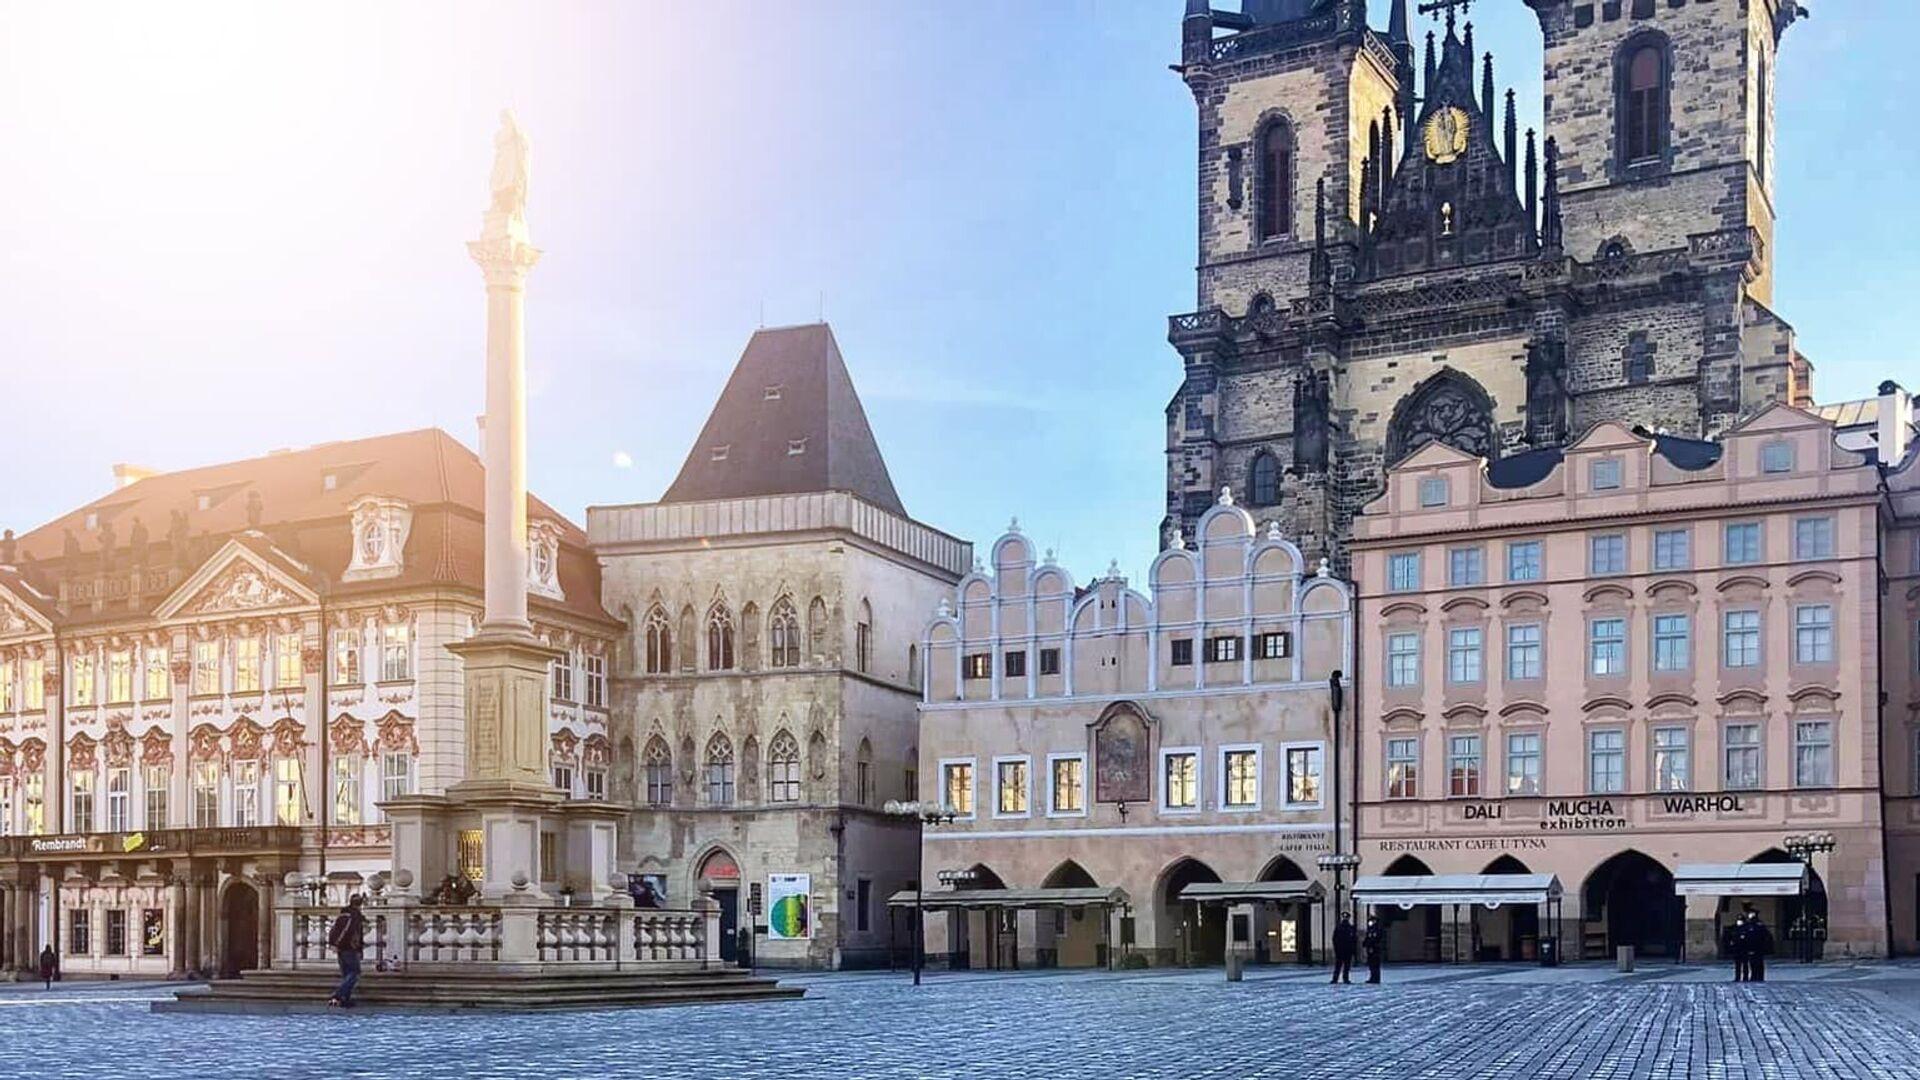 Na Staroměstském náměstí se objevilo 25 tisíc křížů symbolizující oběti covidu-19 - Sputnik Česká republika, 1920, 22.03.2021